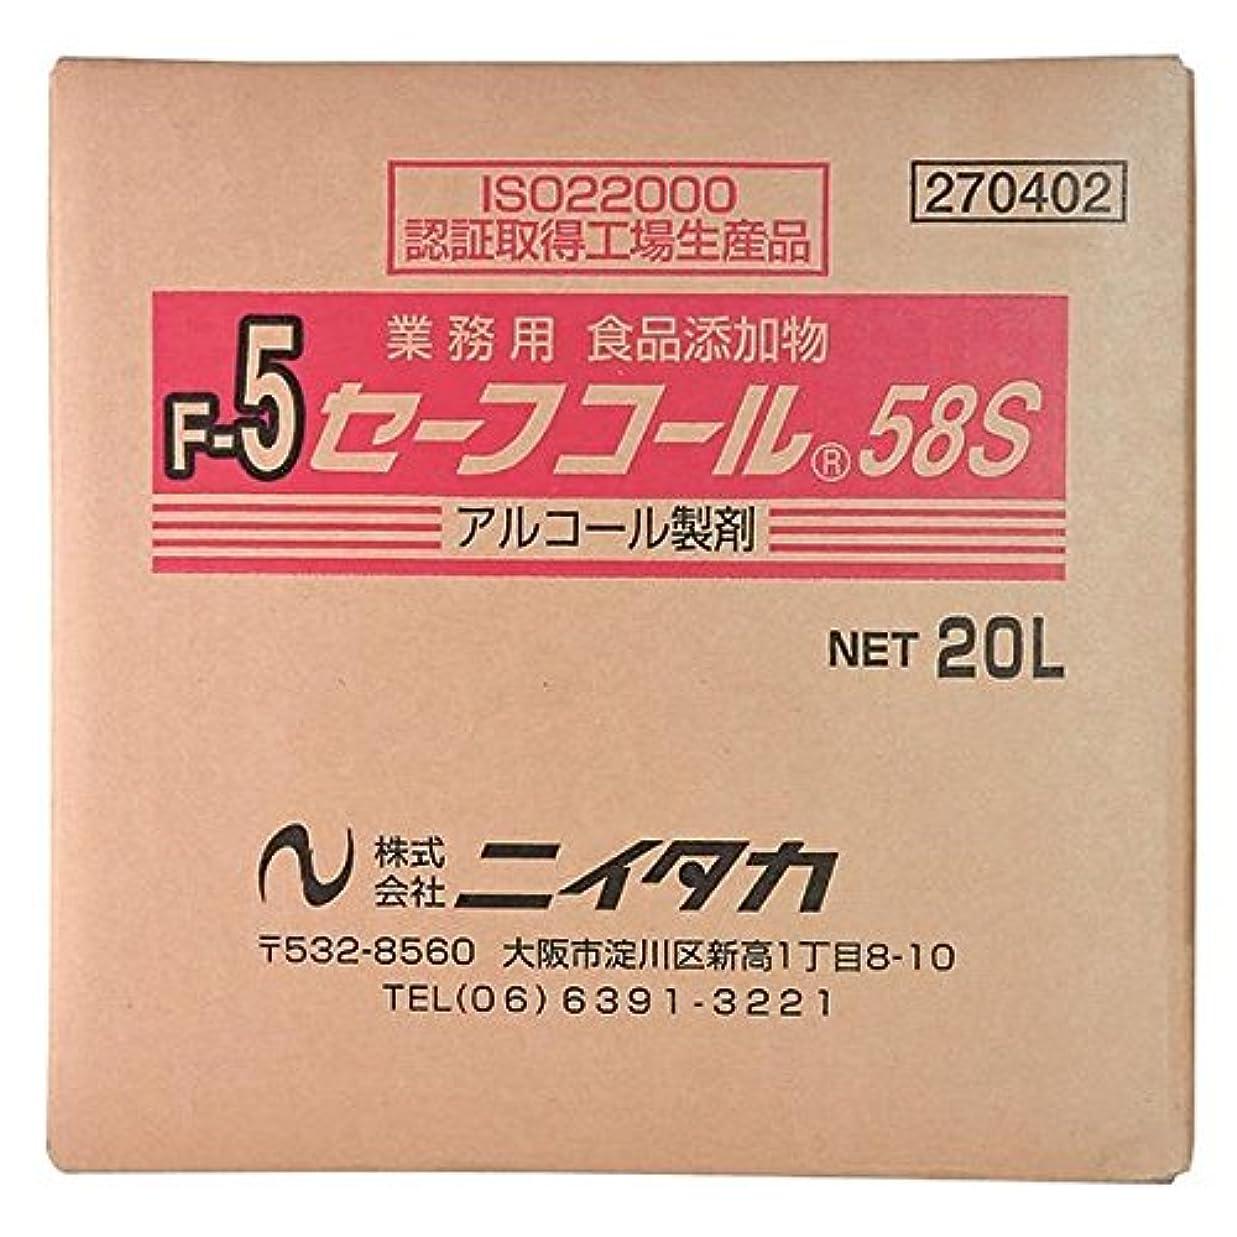 眠っているウナギオプショナルニイタカ:セーフコール58S(F-5) 20L(BIB) 270402